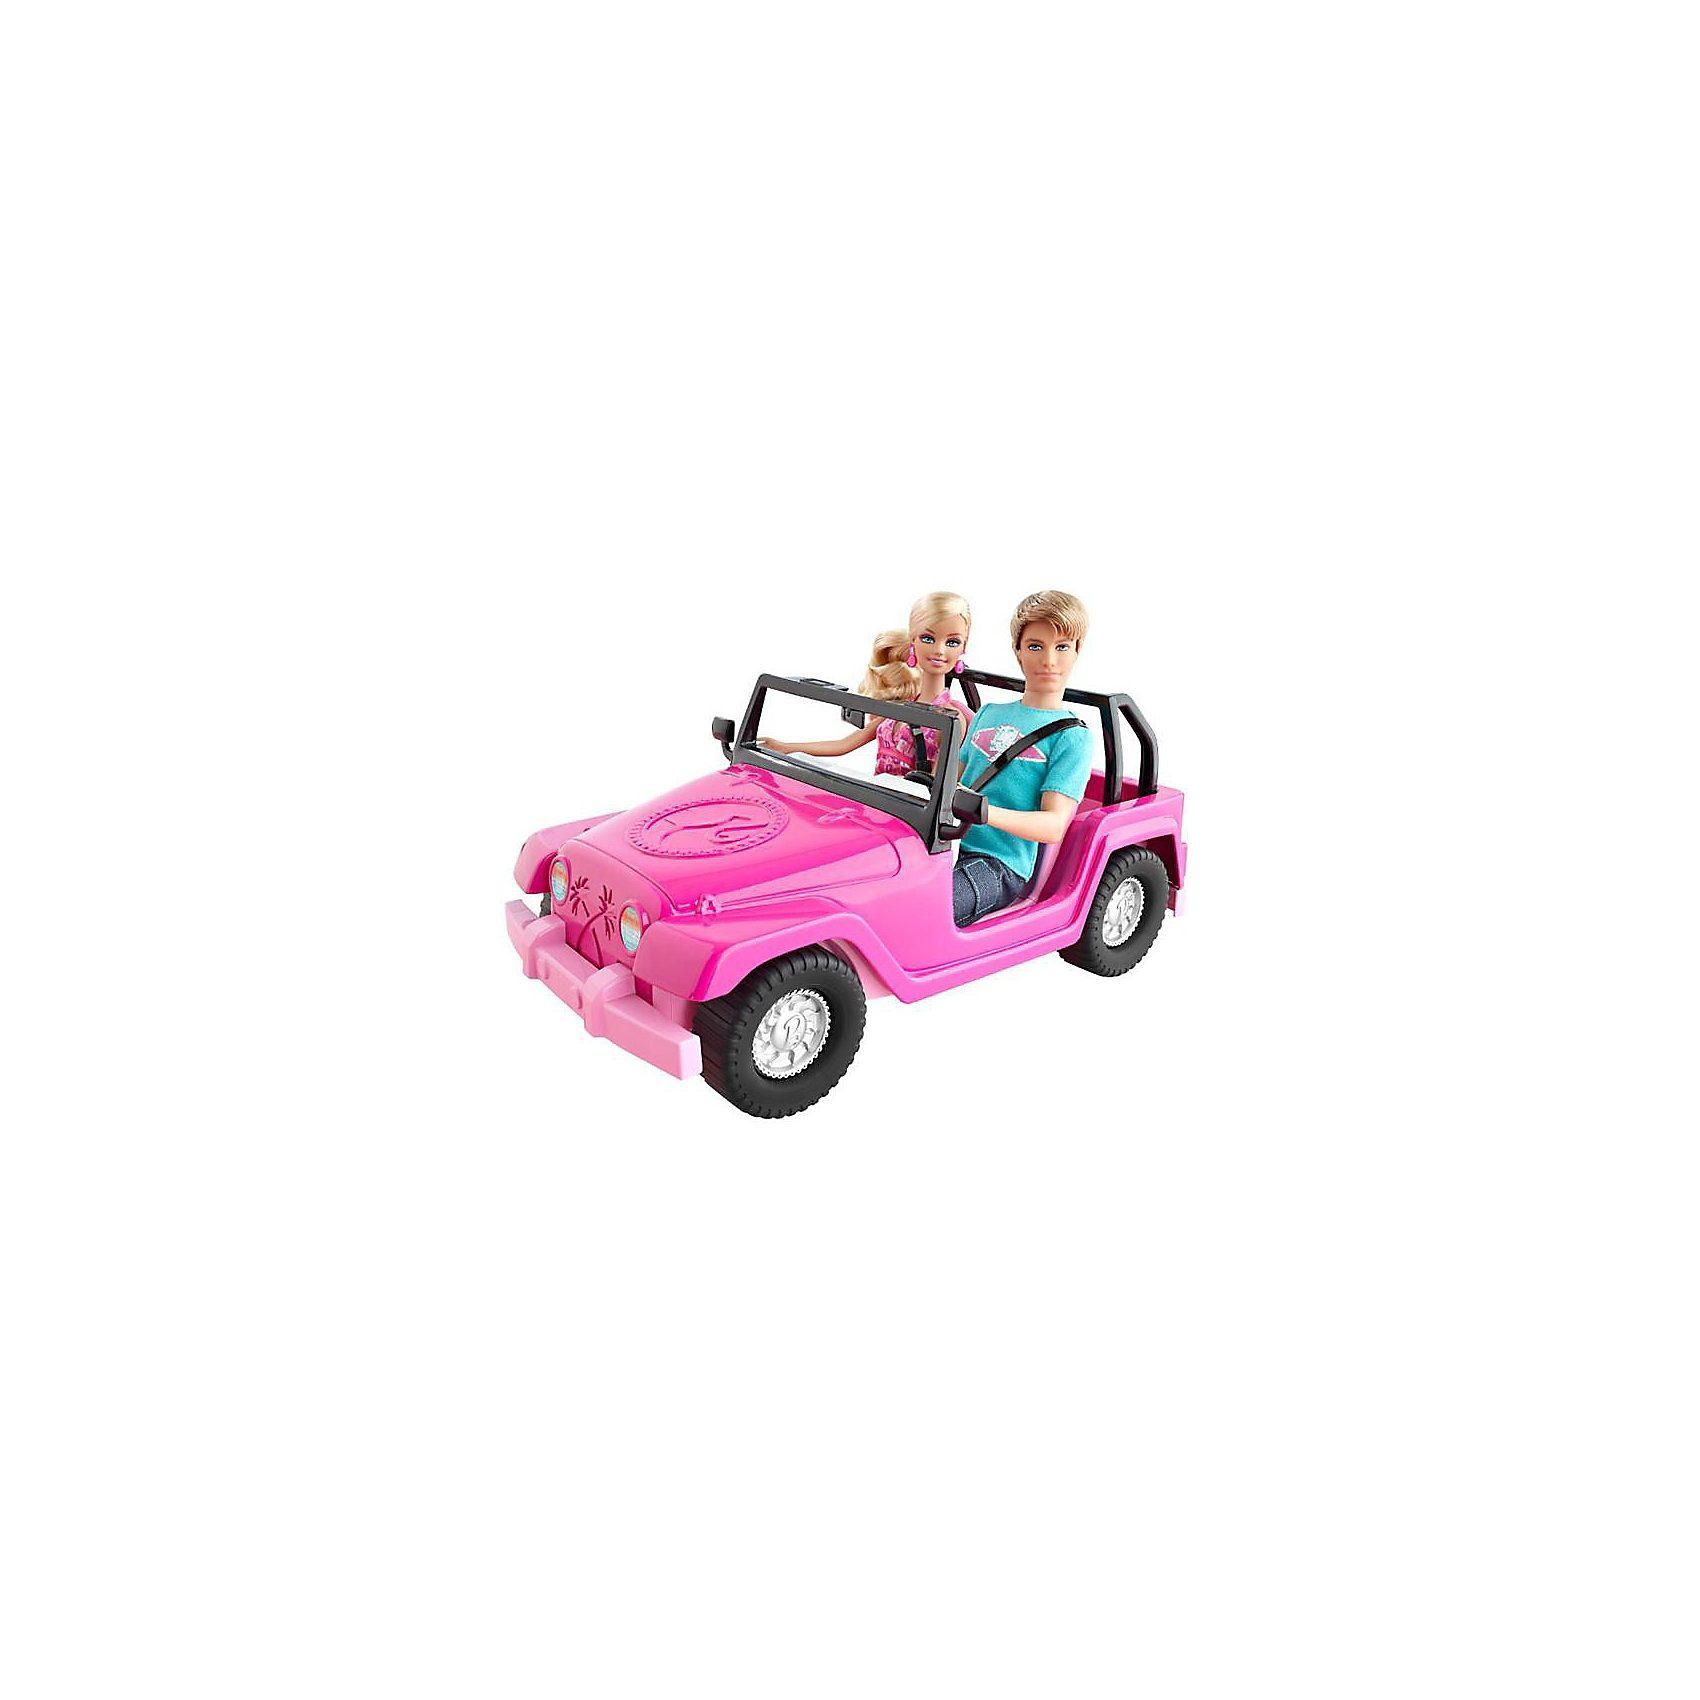 Mattel Barbie und Ken Beach Cruiser